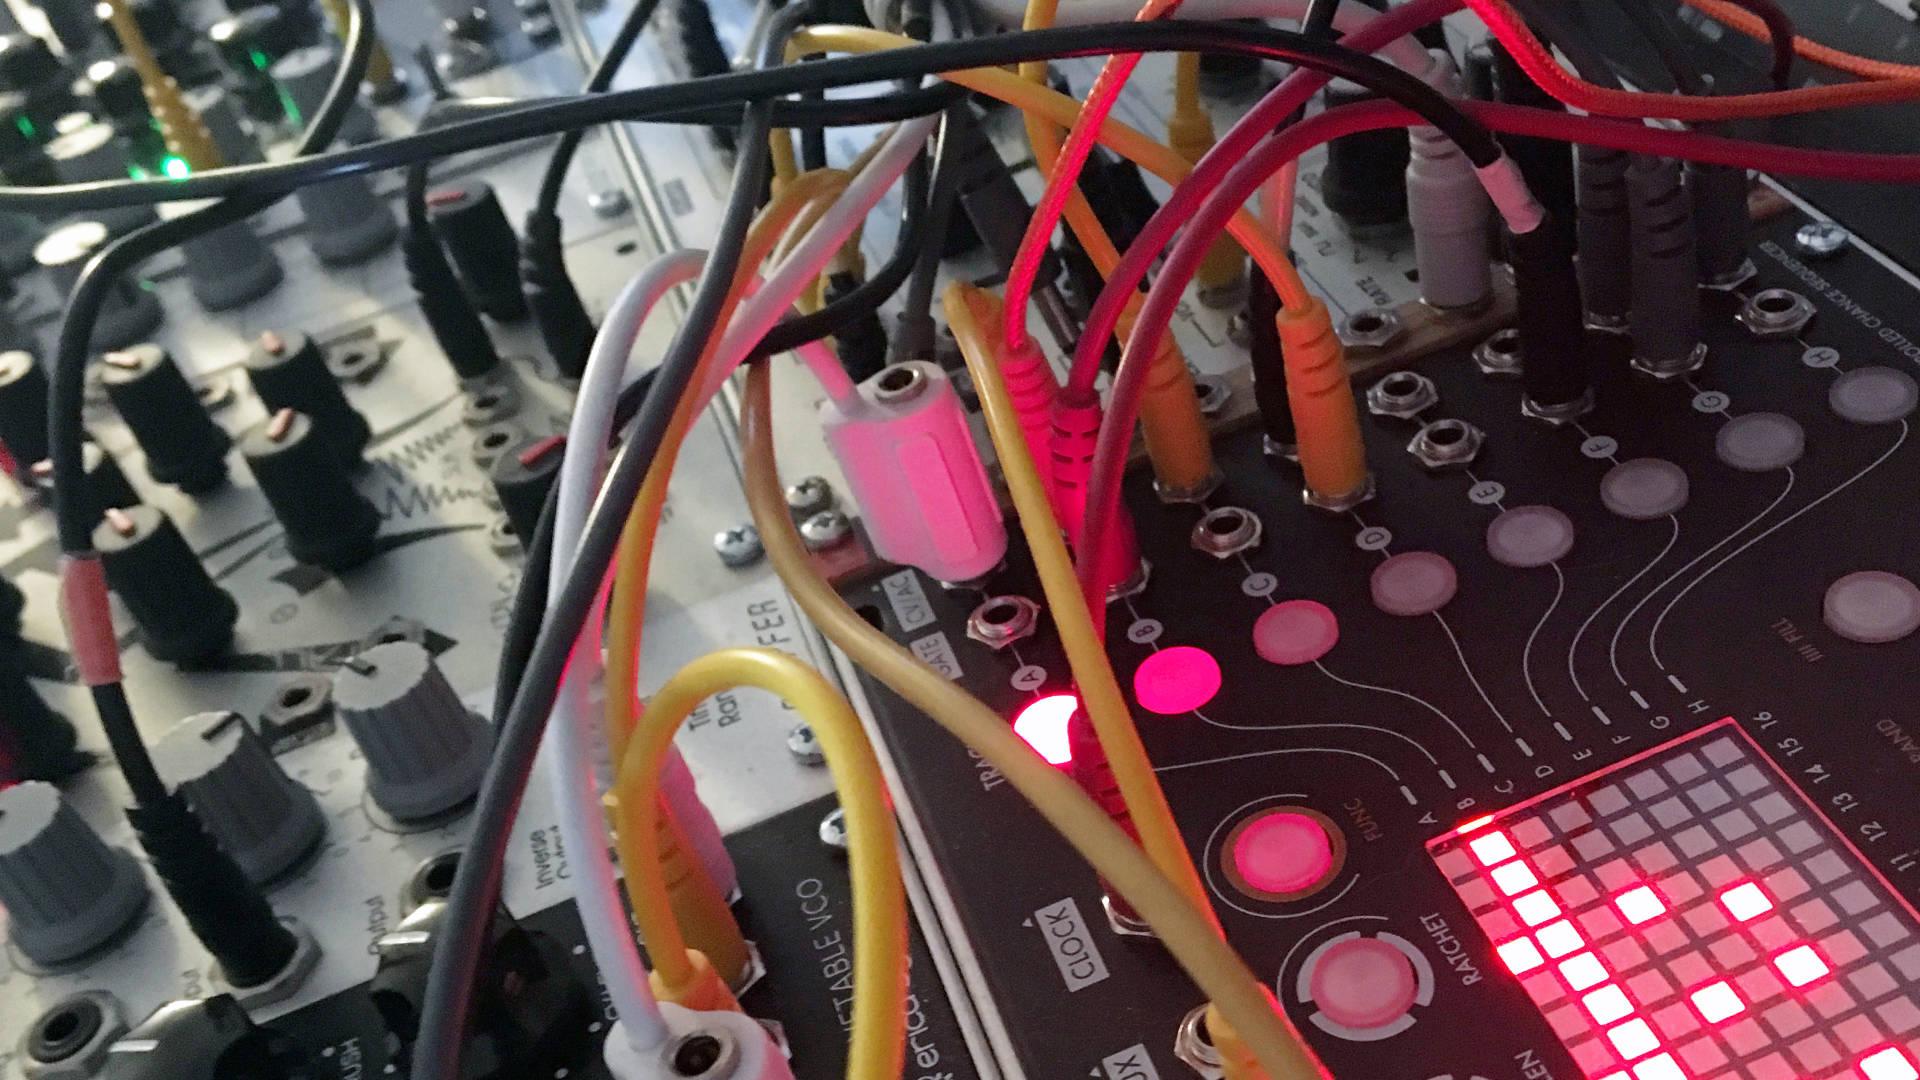 """Buch """"Elektronische Musik produzieren - Die größten Fehler, Sounddesign und Tipps für erfolgreiche Clubtracks"""""""